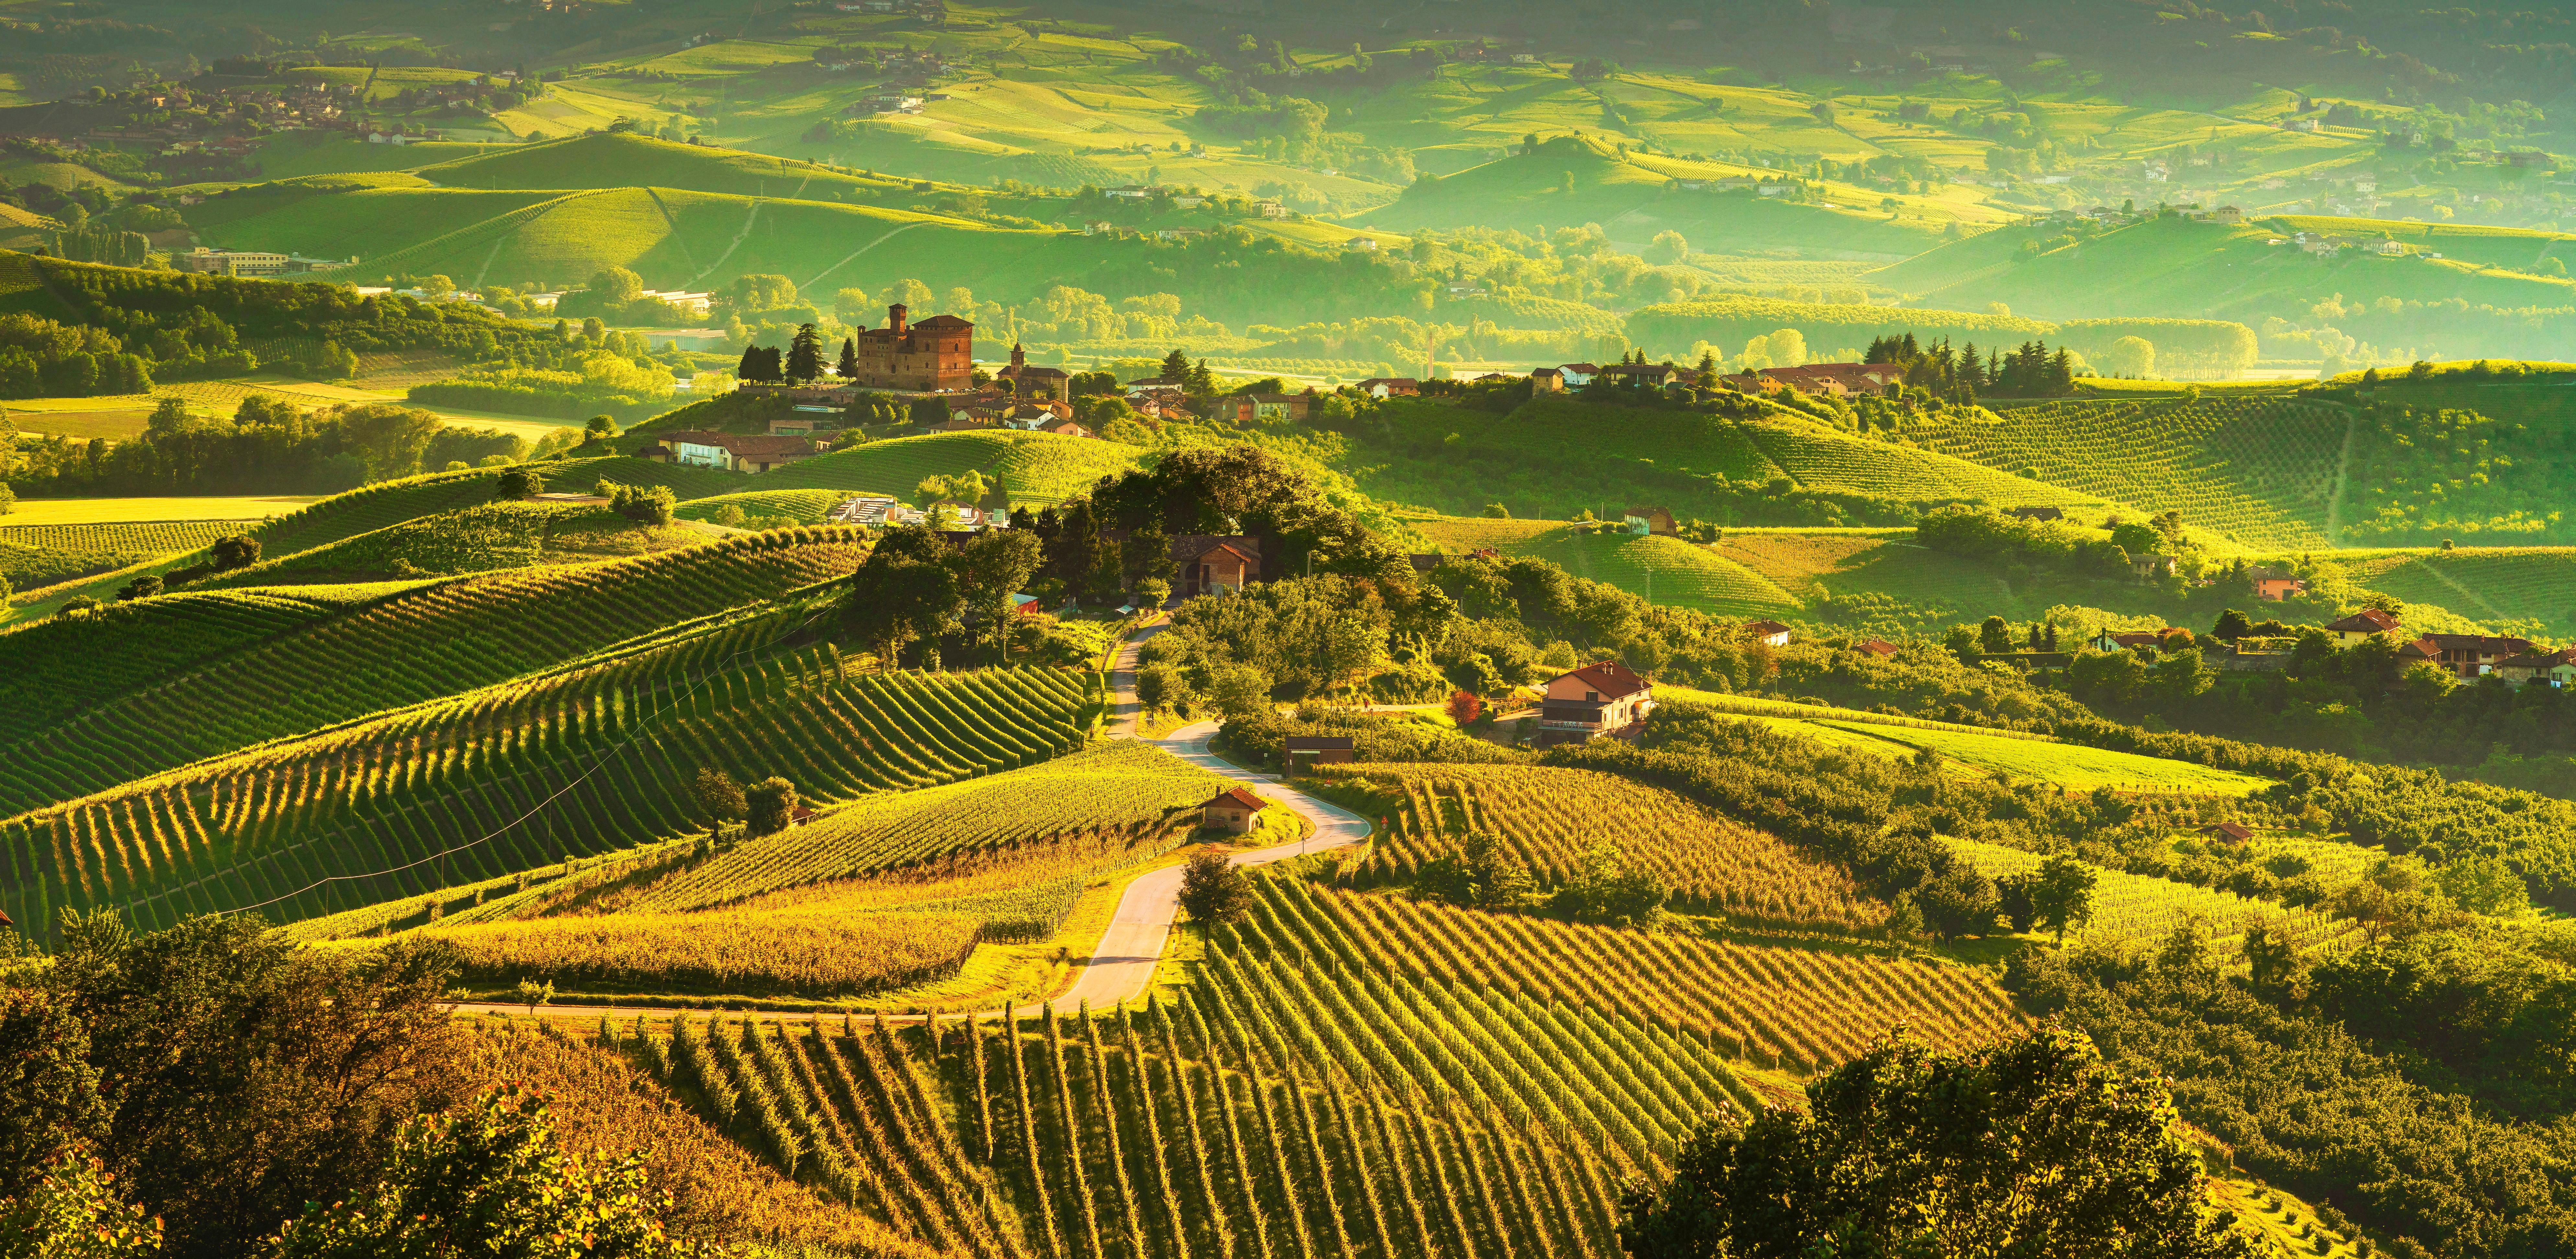 Виноградные поля в Италии, ВНЖ которой могут получить иностранцы